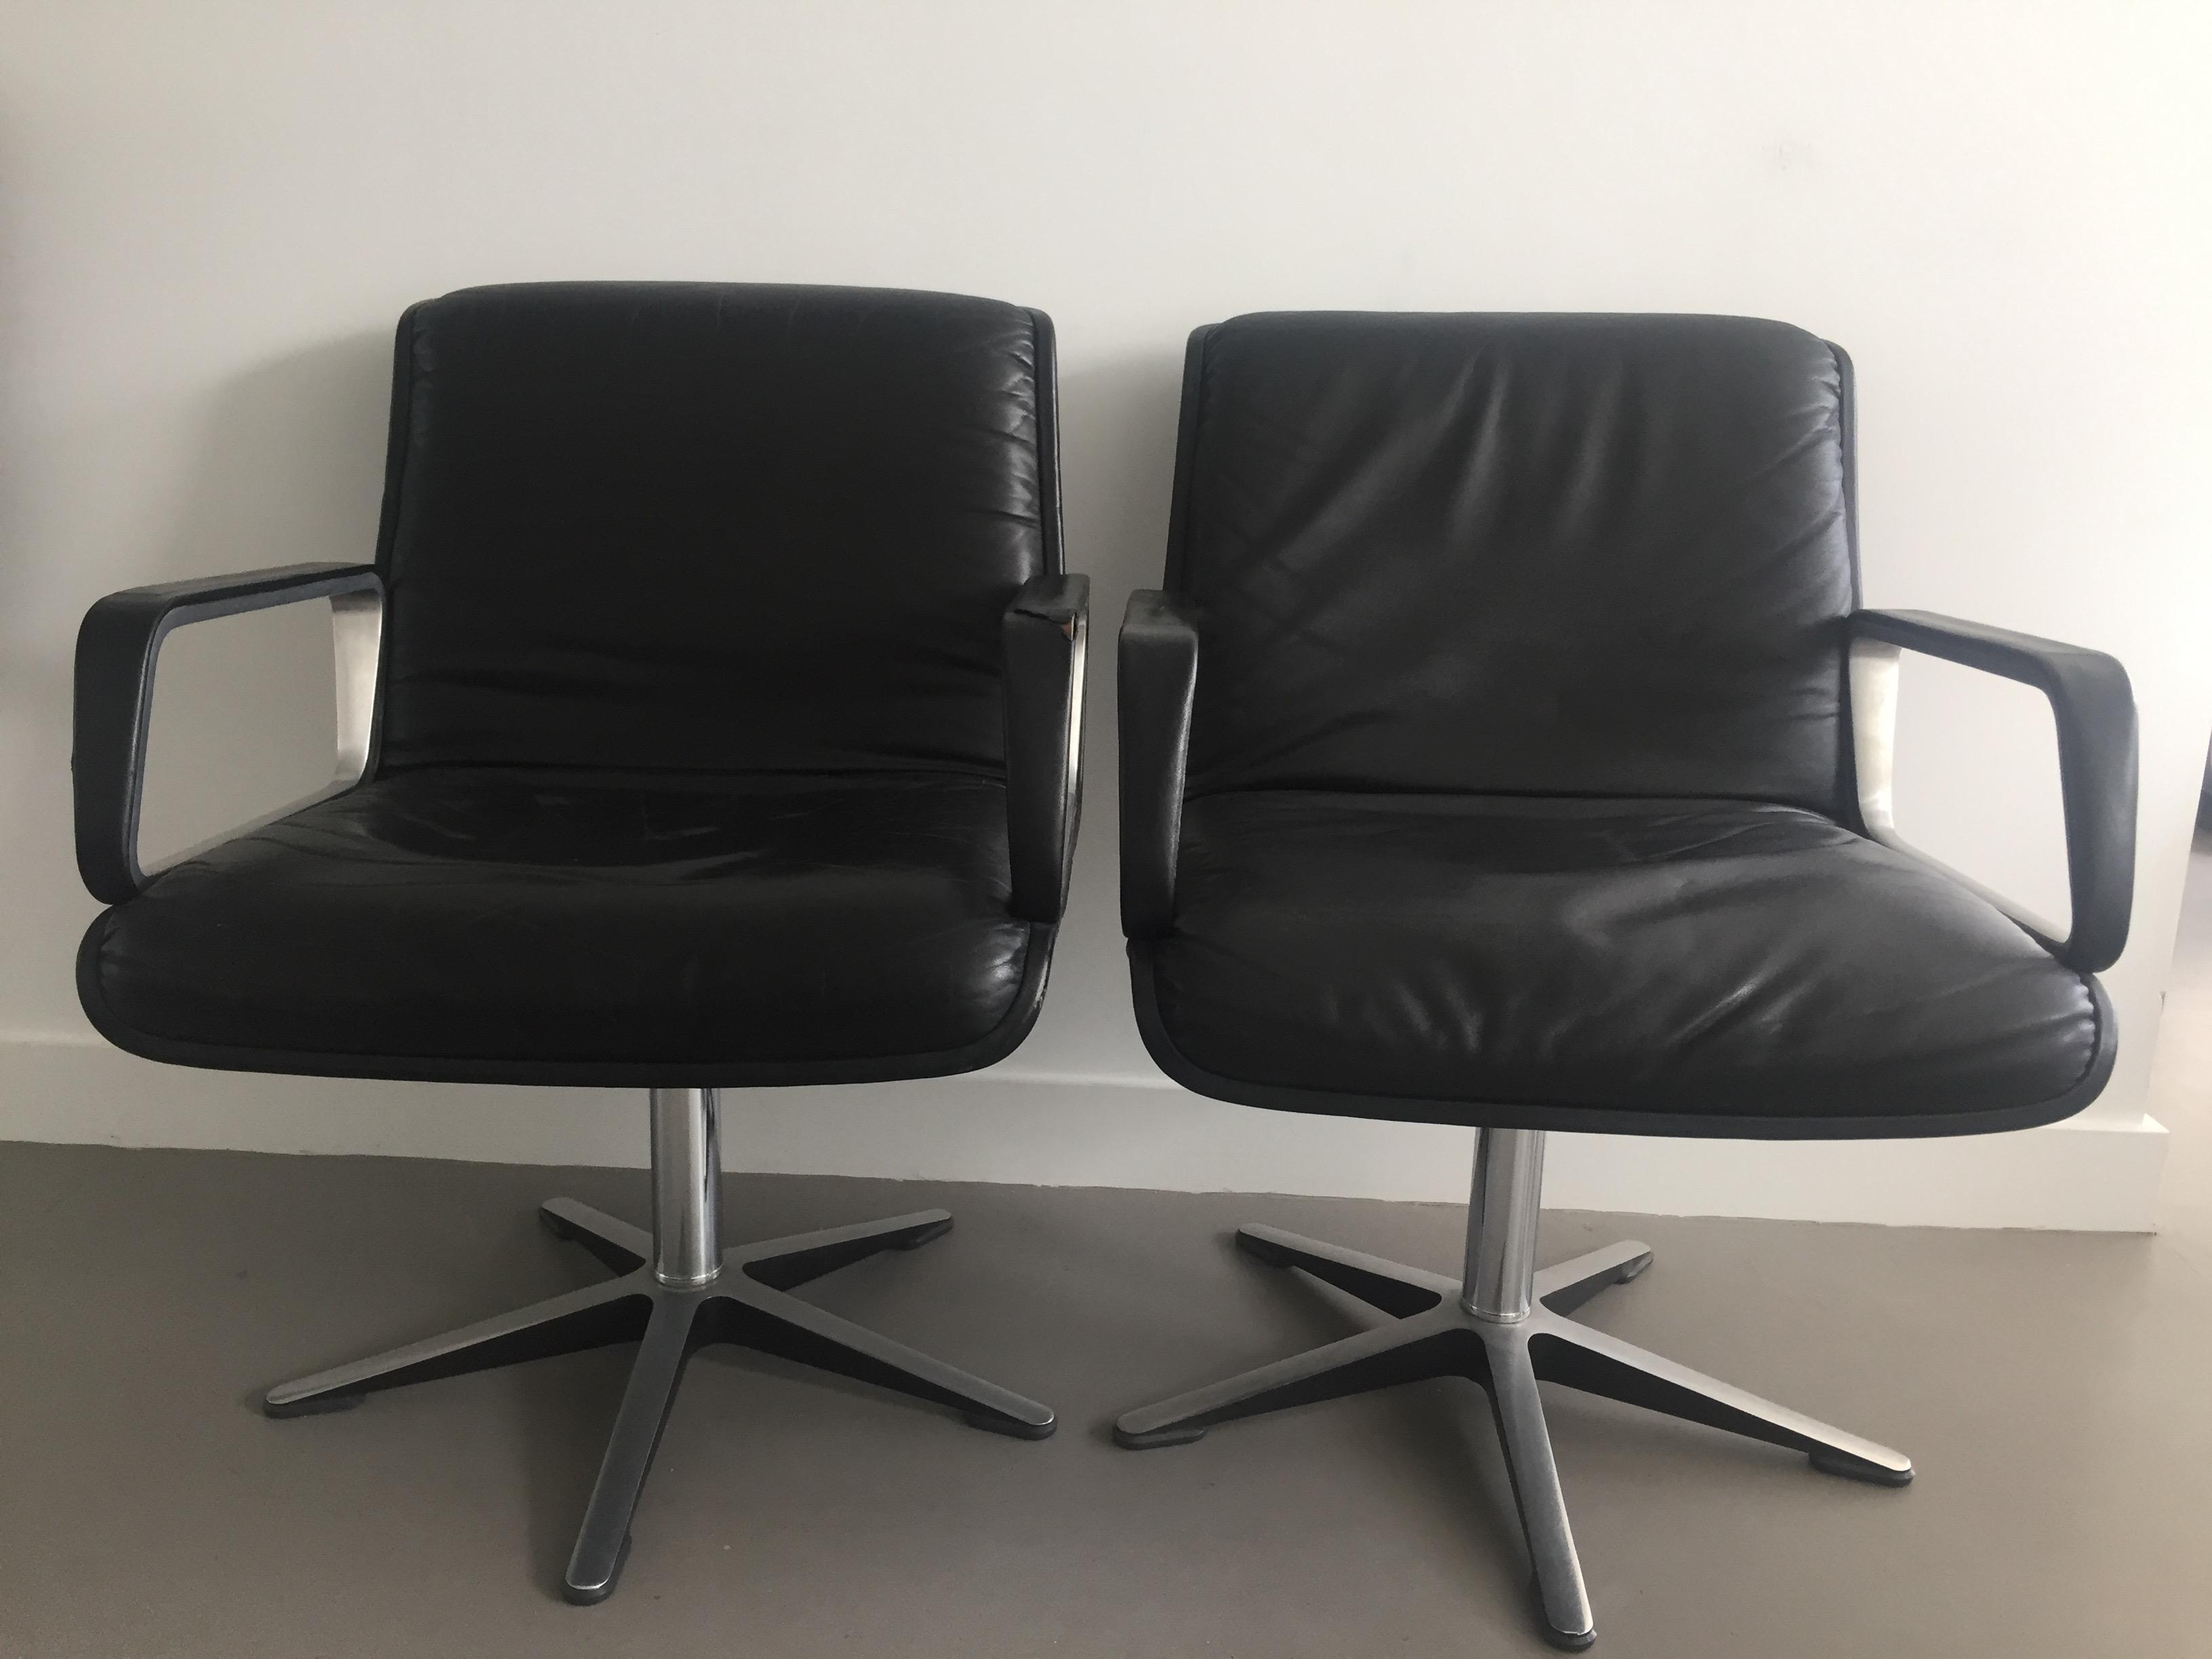 Vintage fauteuils wilkhahn design zwart leer eigenaar